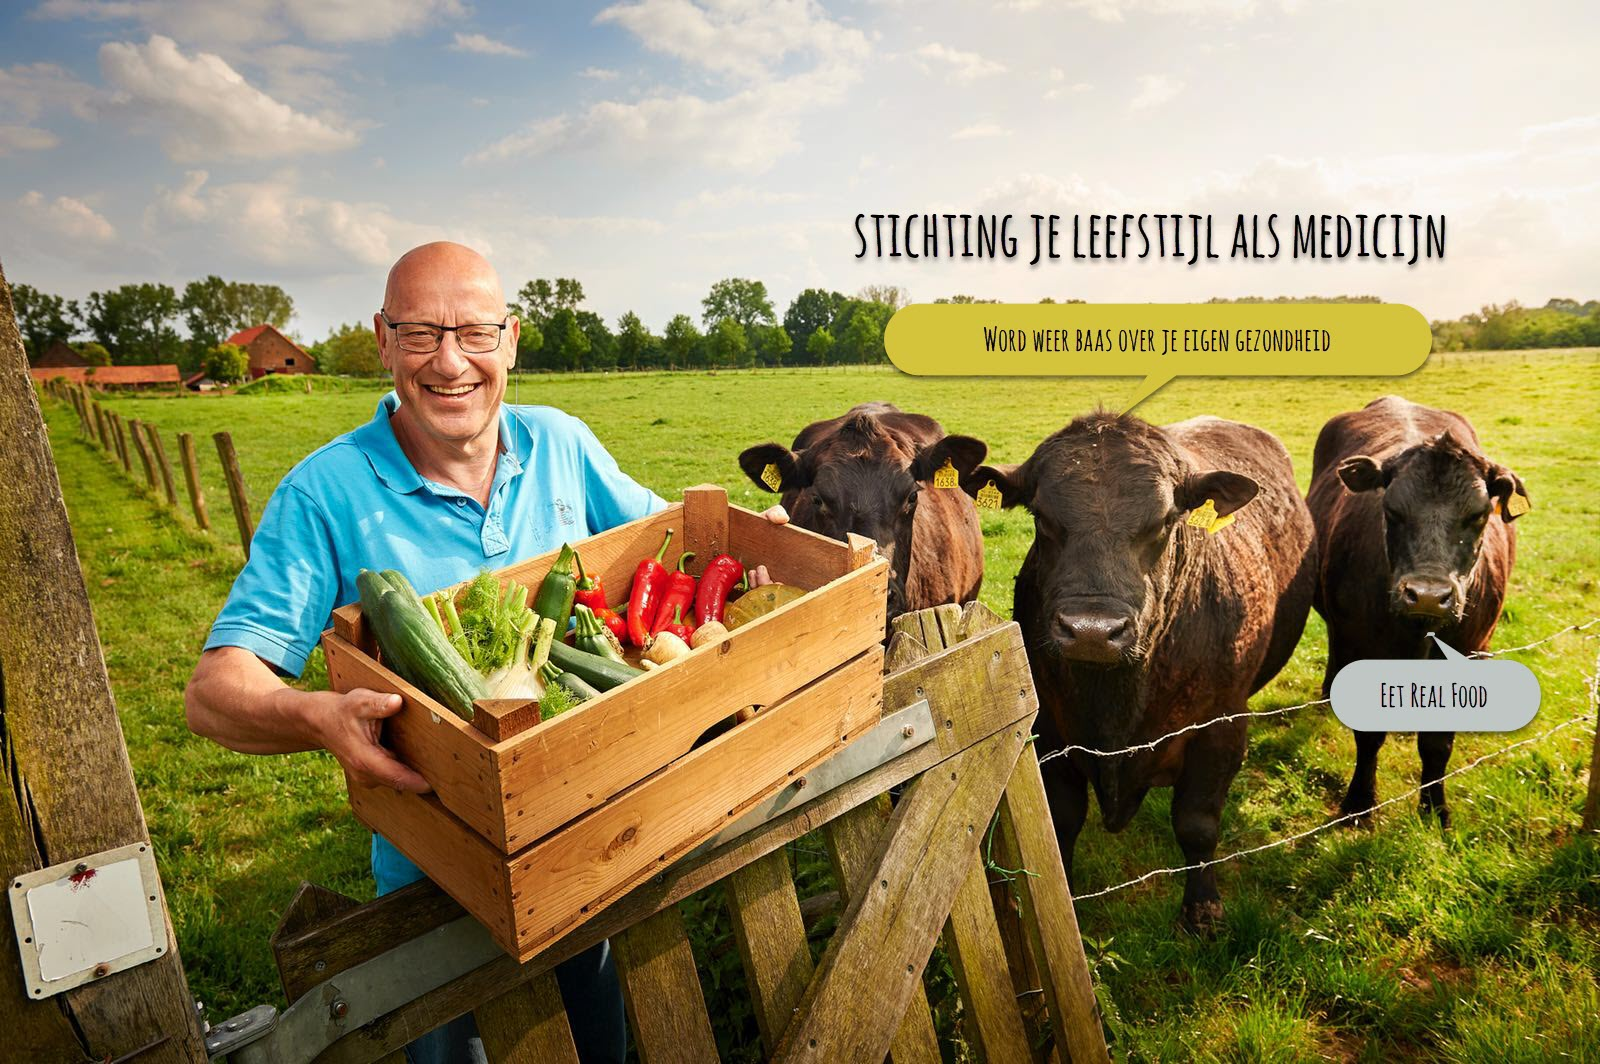 Wim Tilburgs Stichting Je Leefstijl als Medicijn